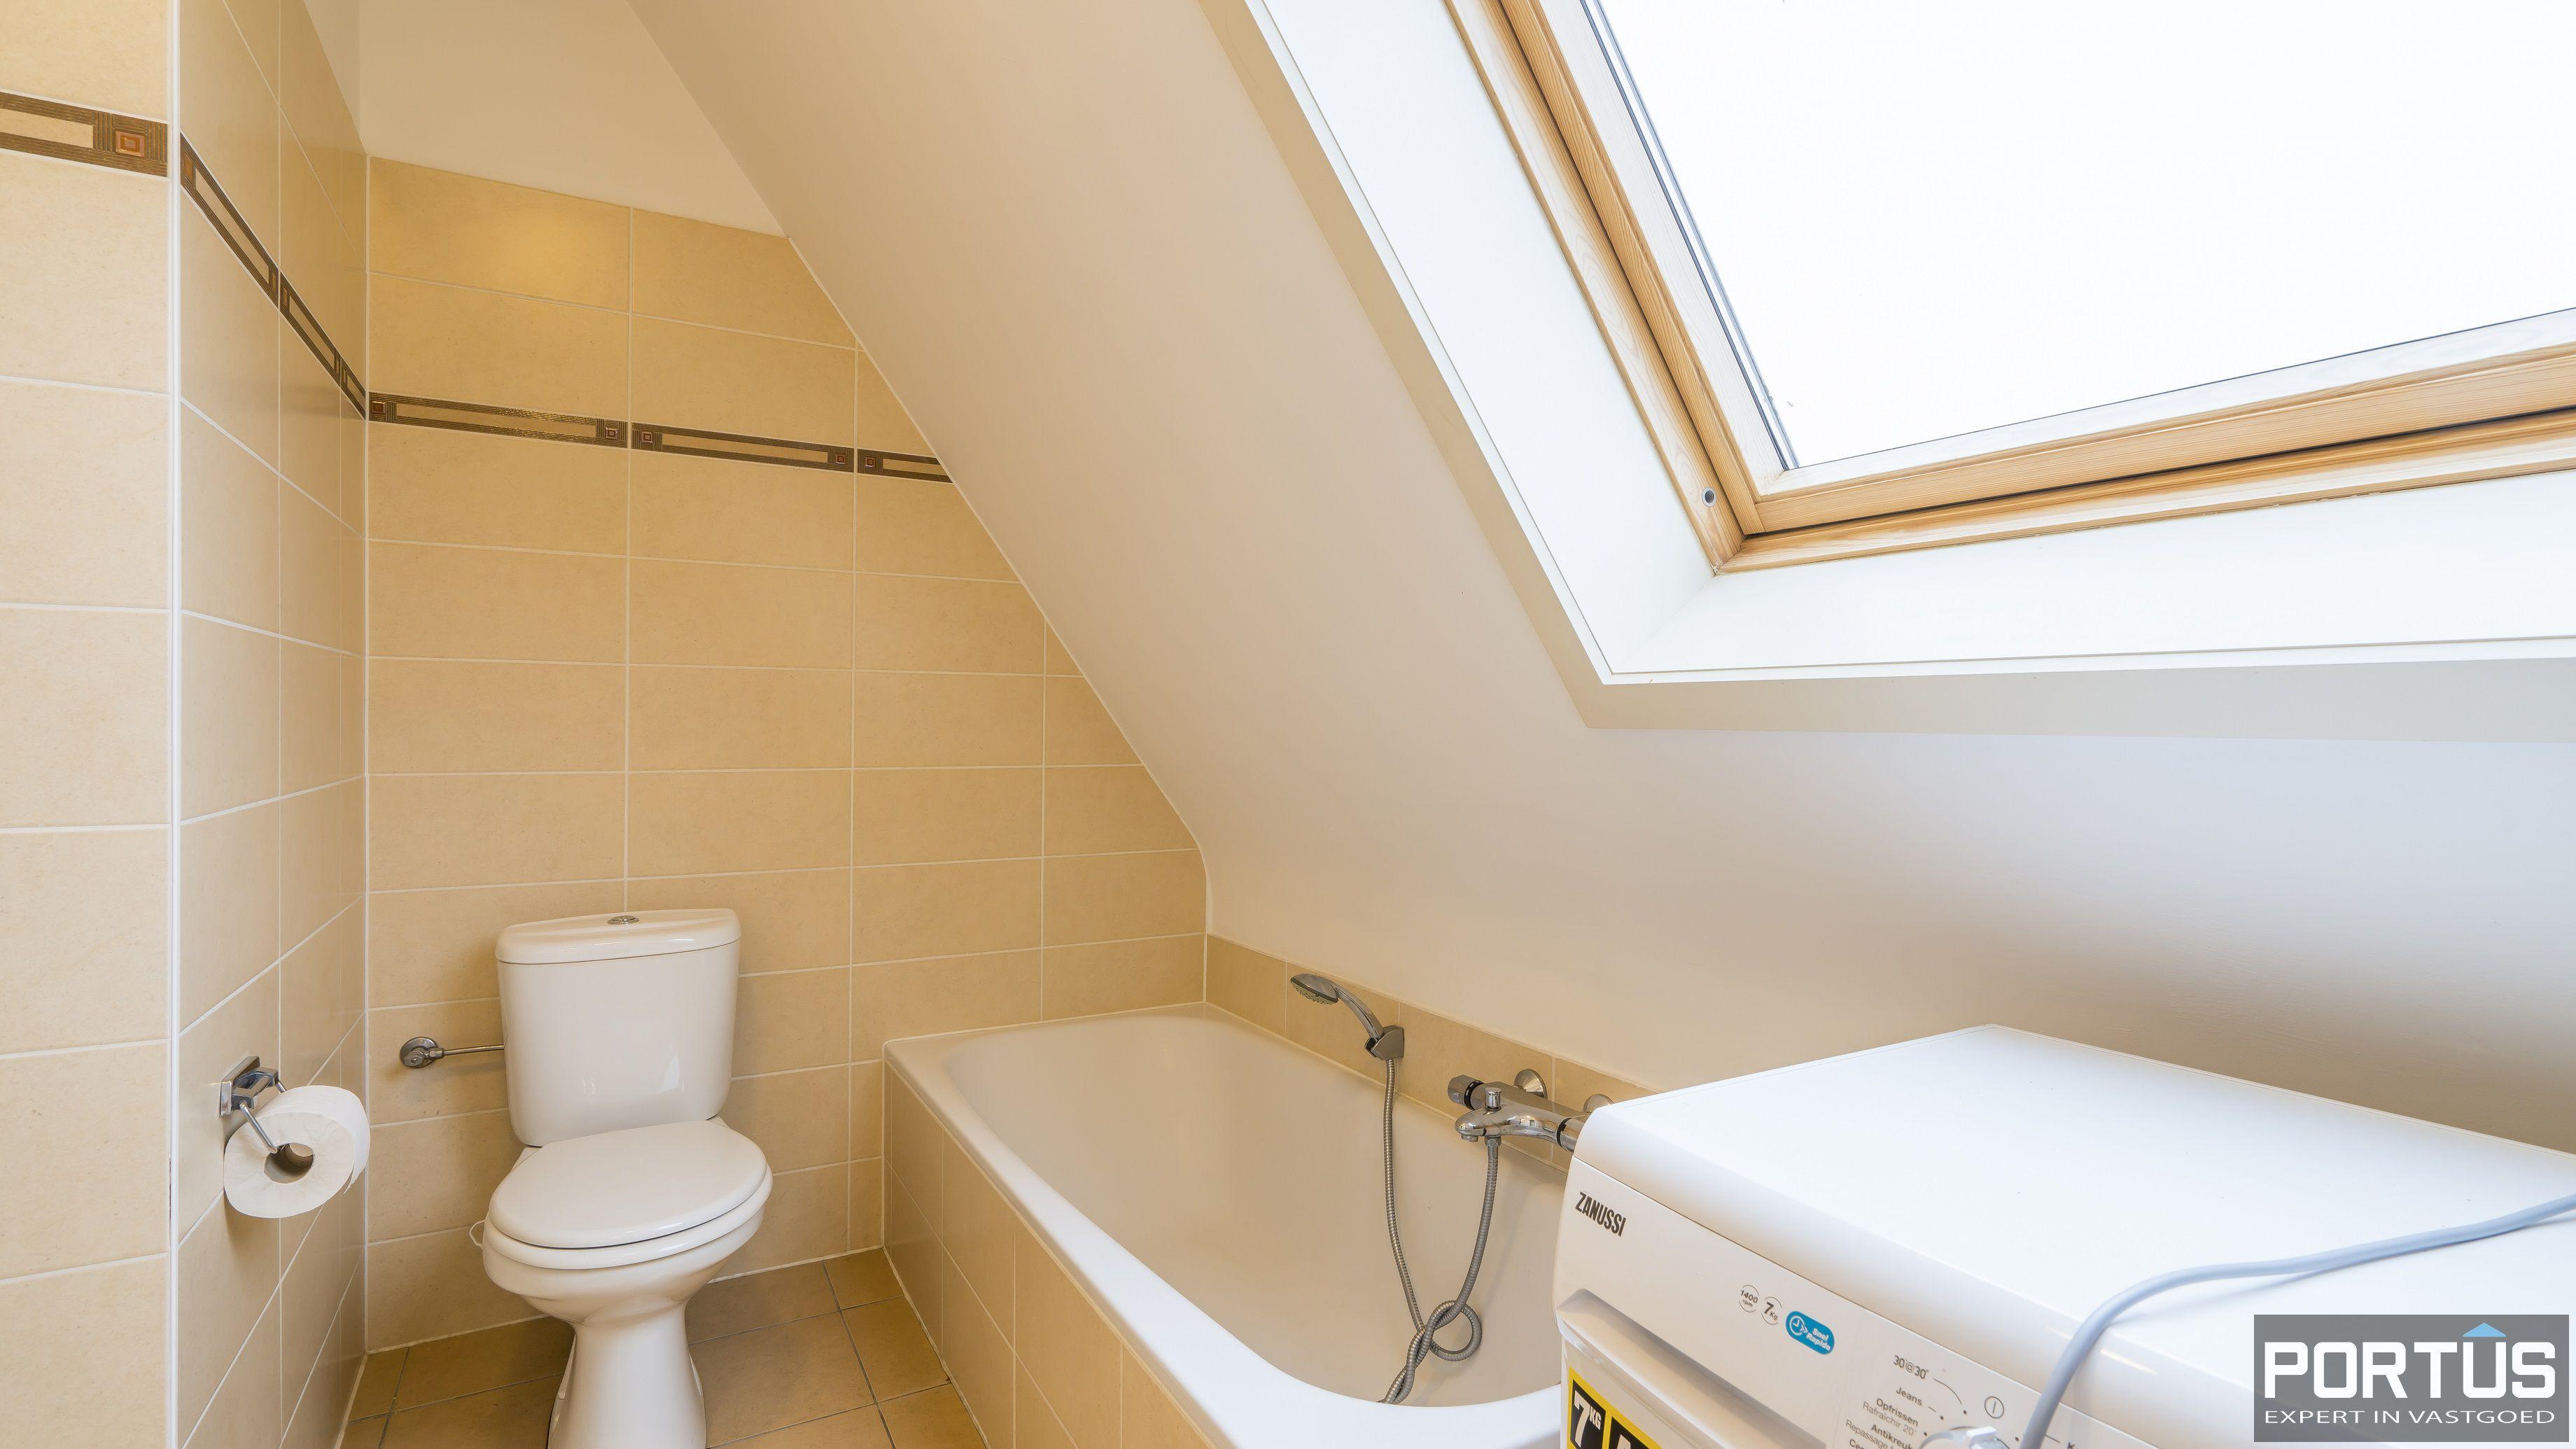 Instapklaar zongericht appartement met 1 slaapkamer te koop te Nieuwpoort - 11469